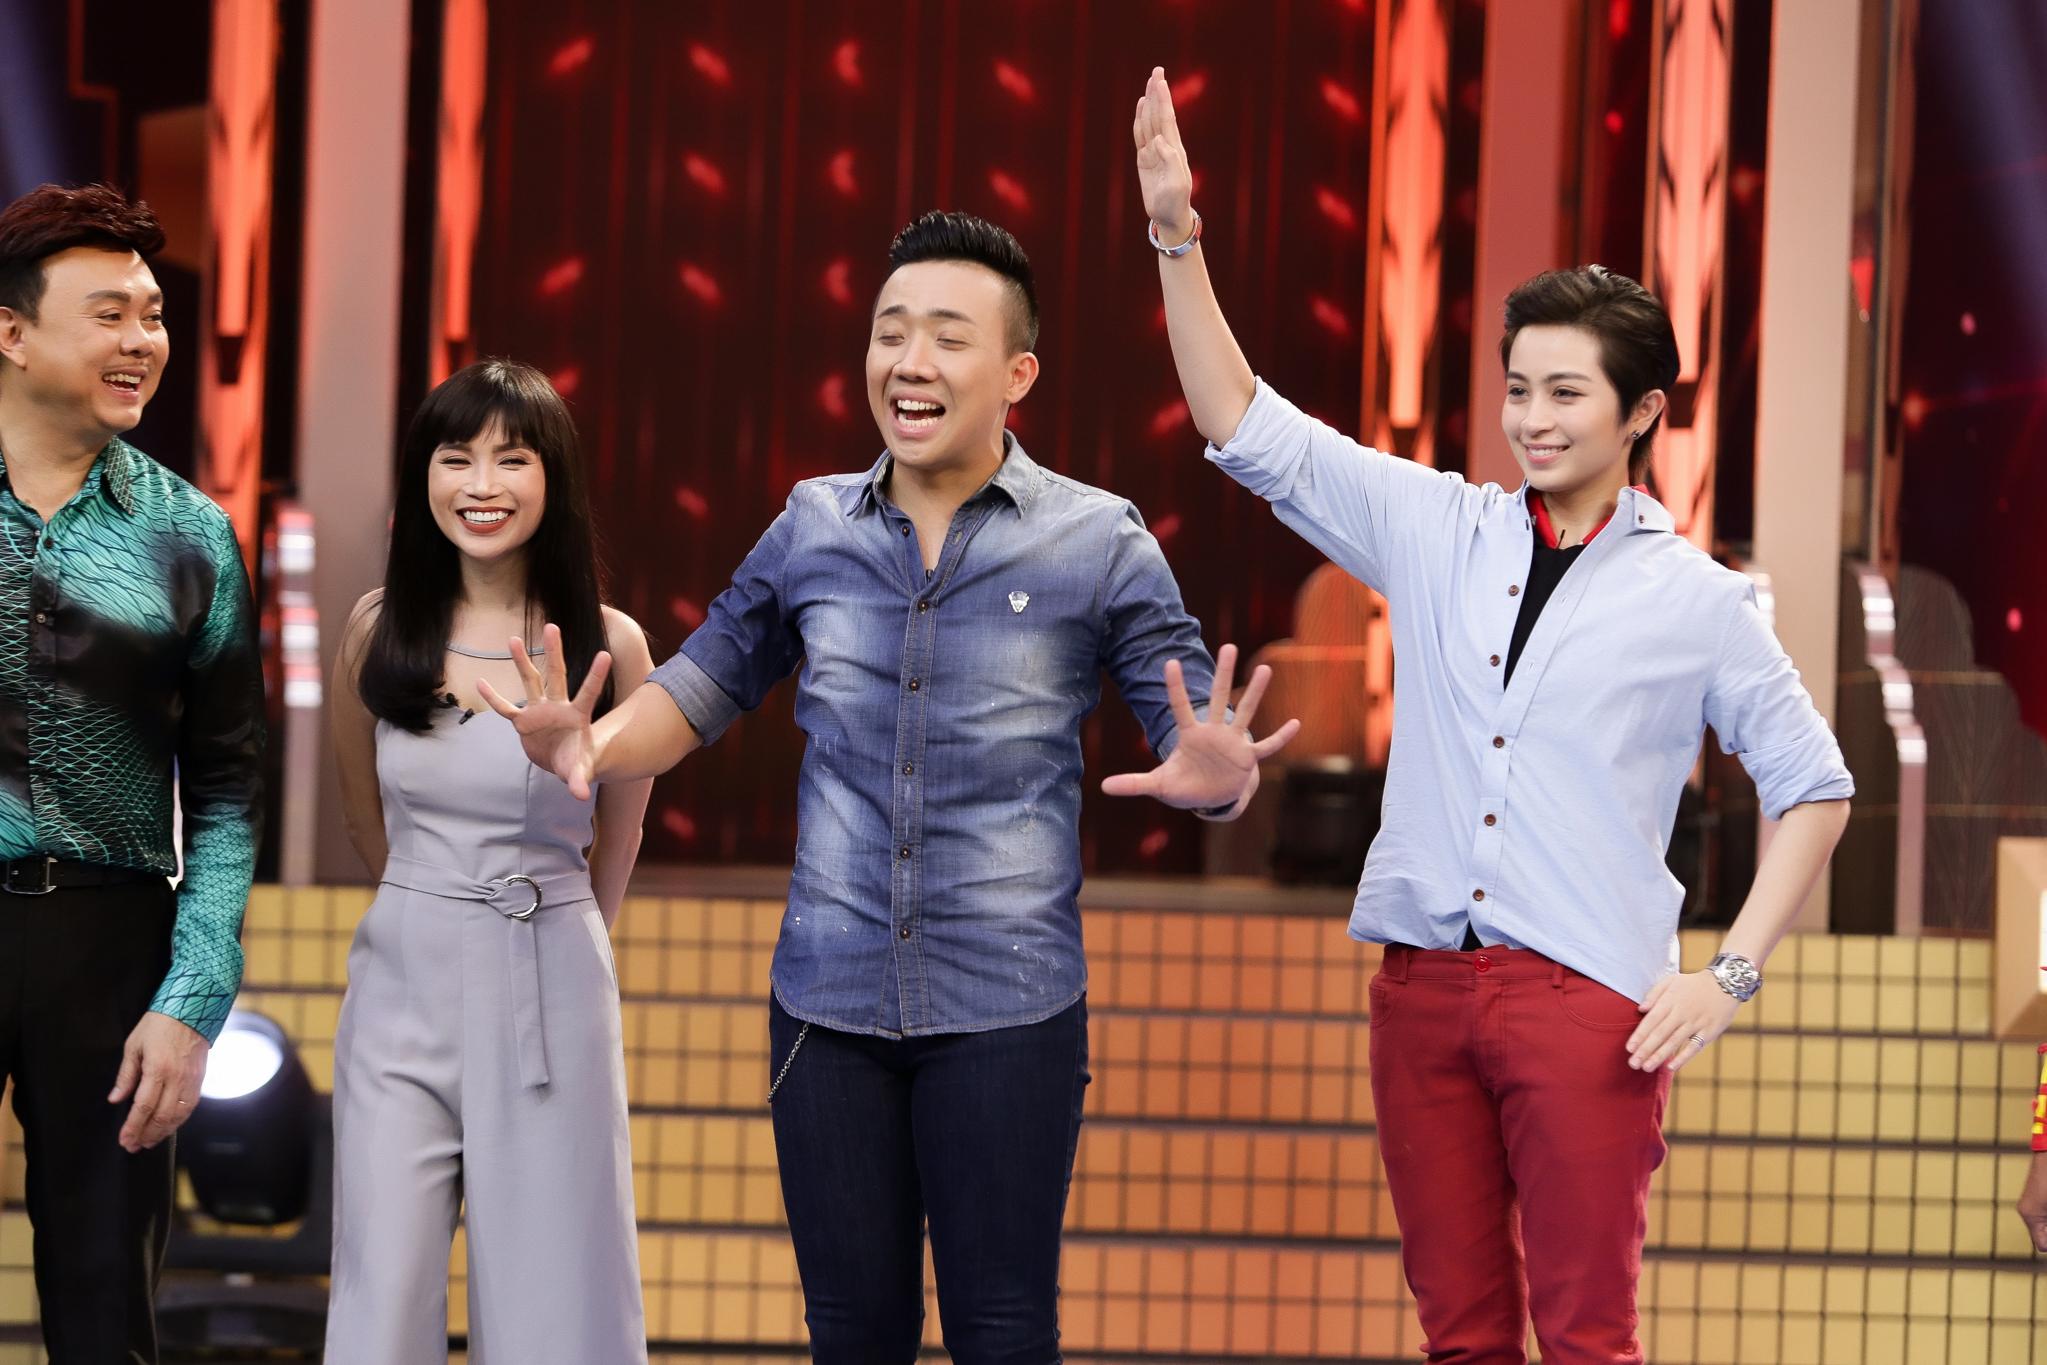 """Giải trí - Gil Lê """"song tấu hợp bích"""" với nghệ sĩ Chí Tài, """"phá đảo"""" sân khấu"""